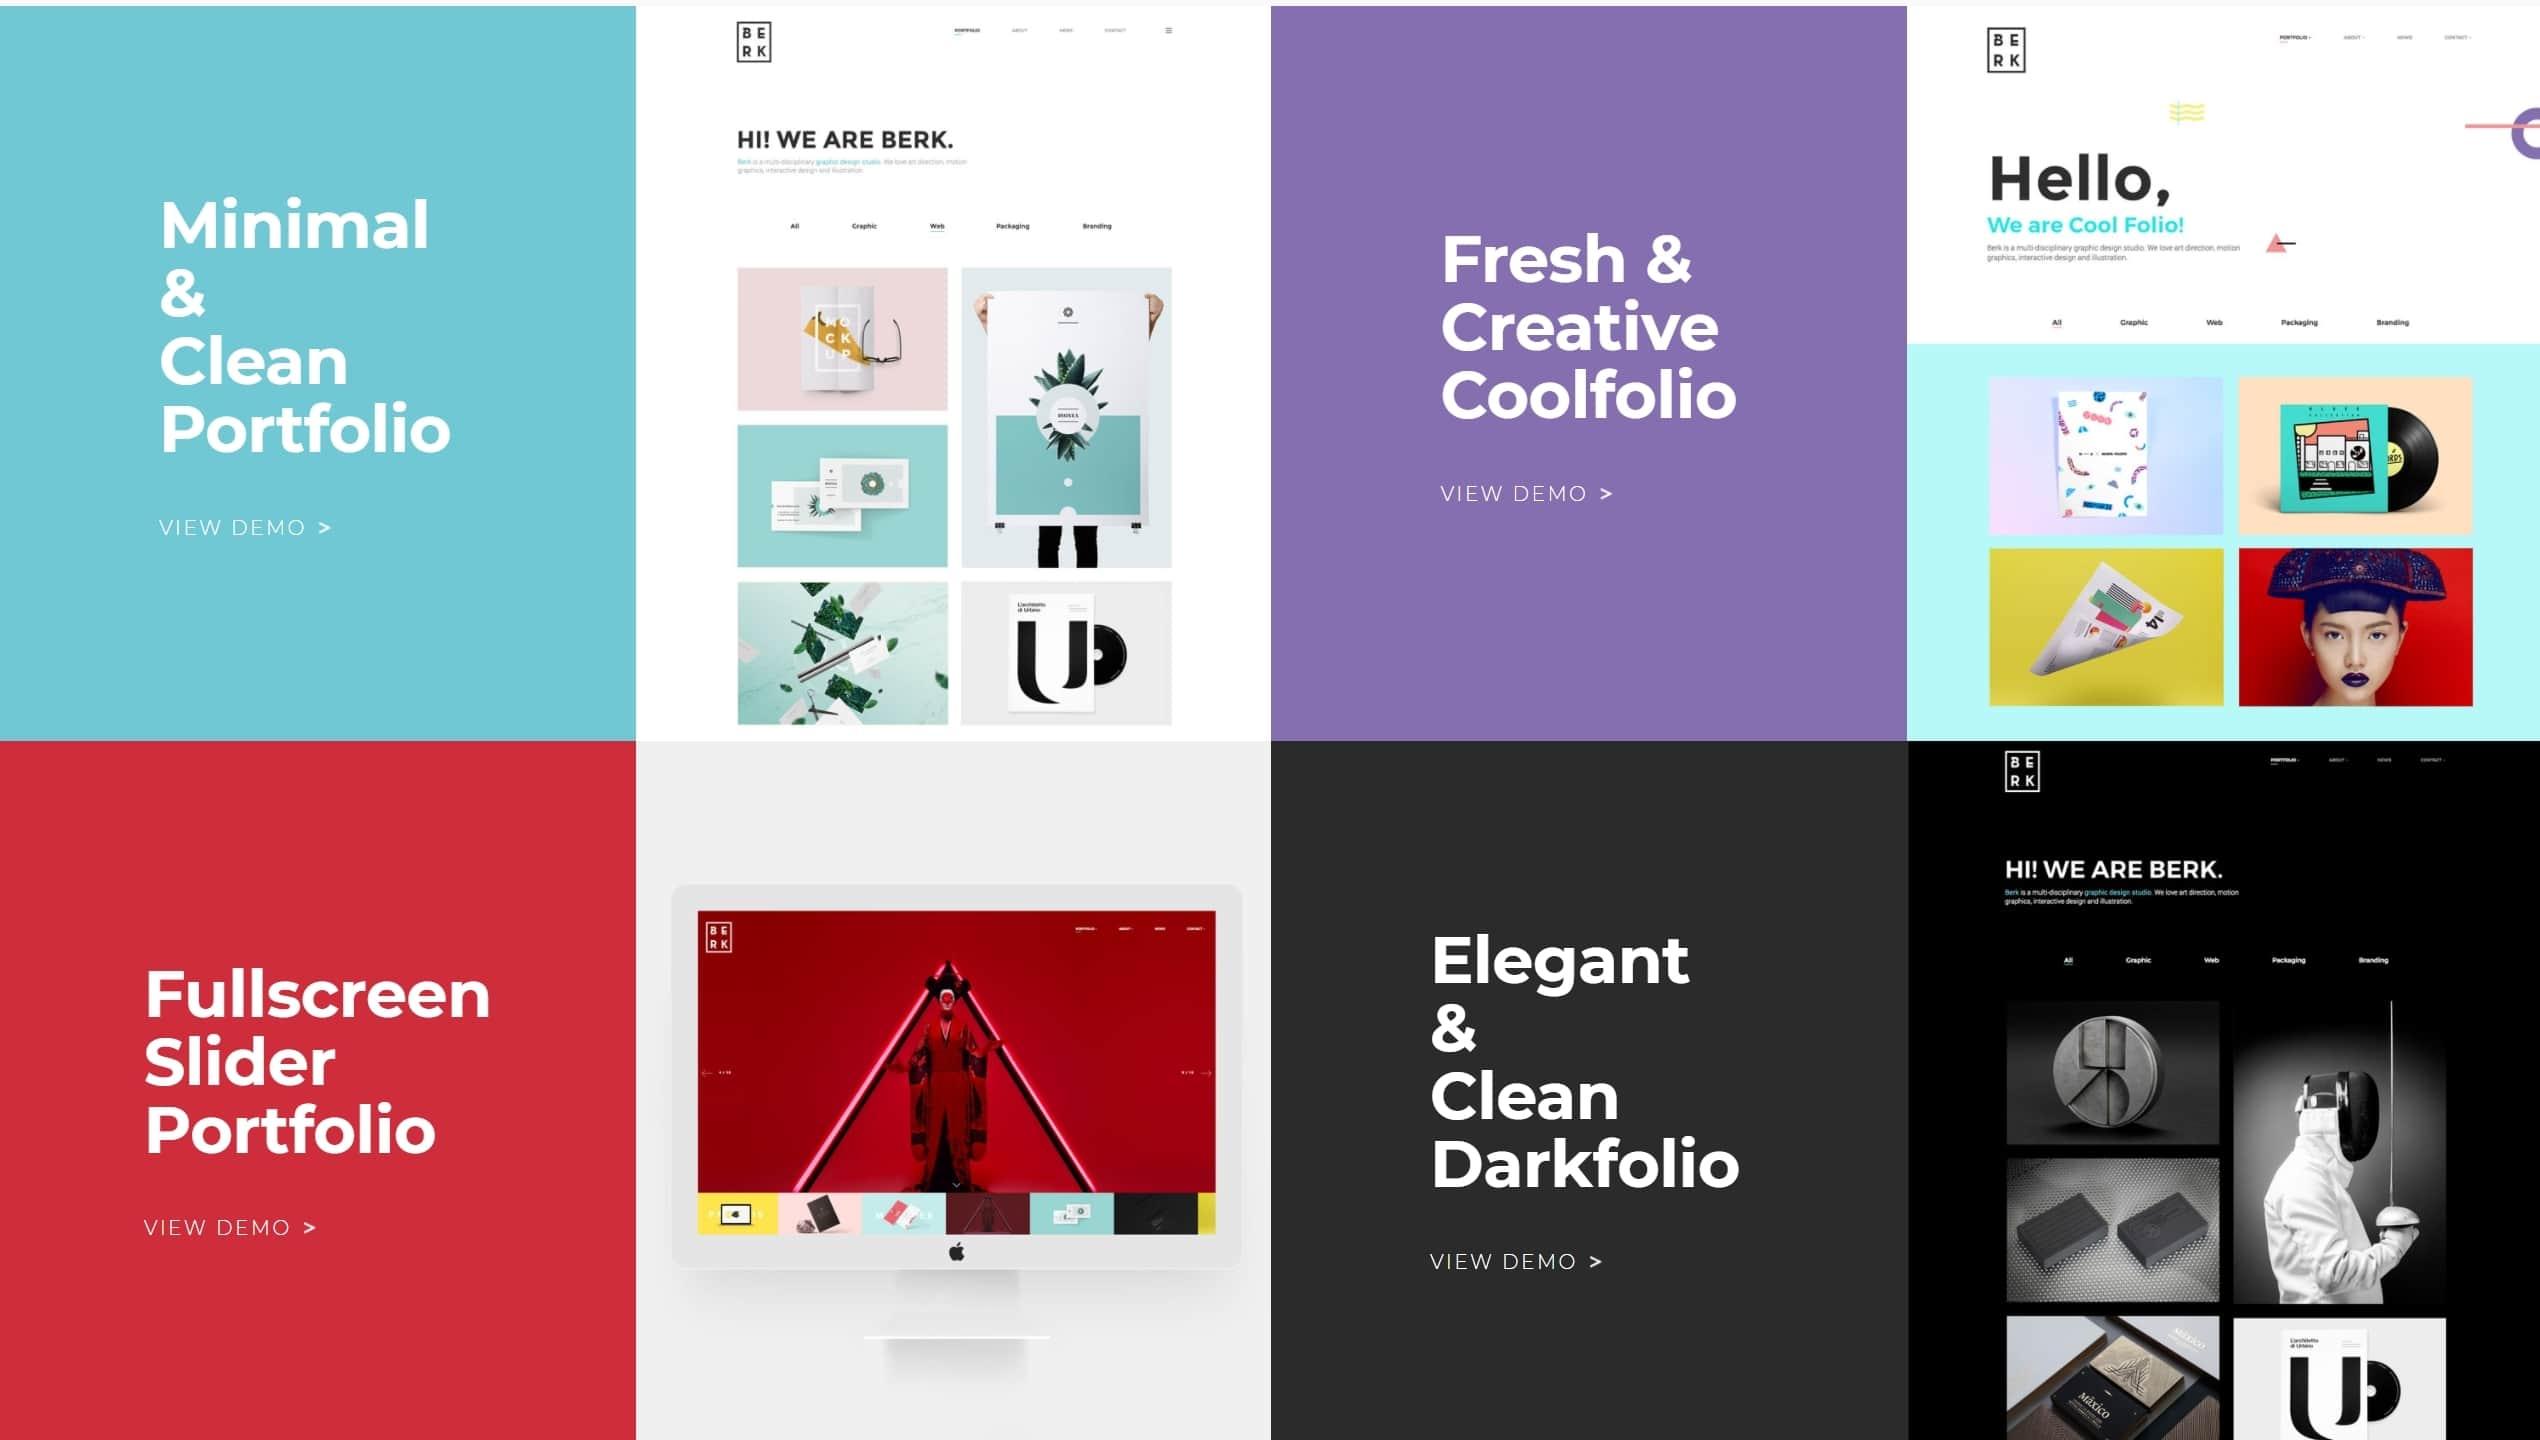 Современная верстка сайта со стильным дизайном премиум класса